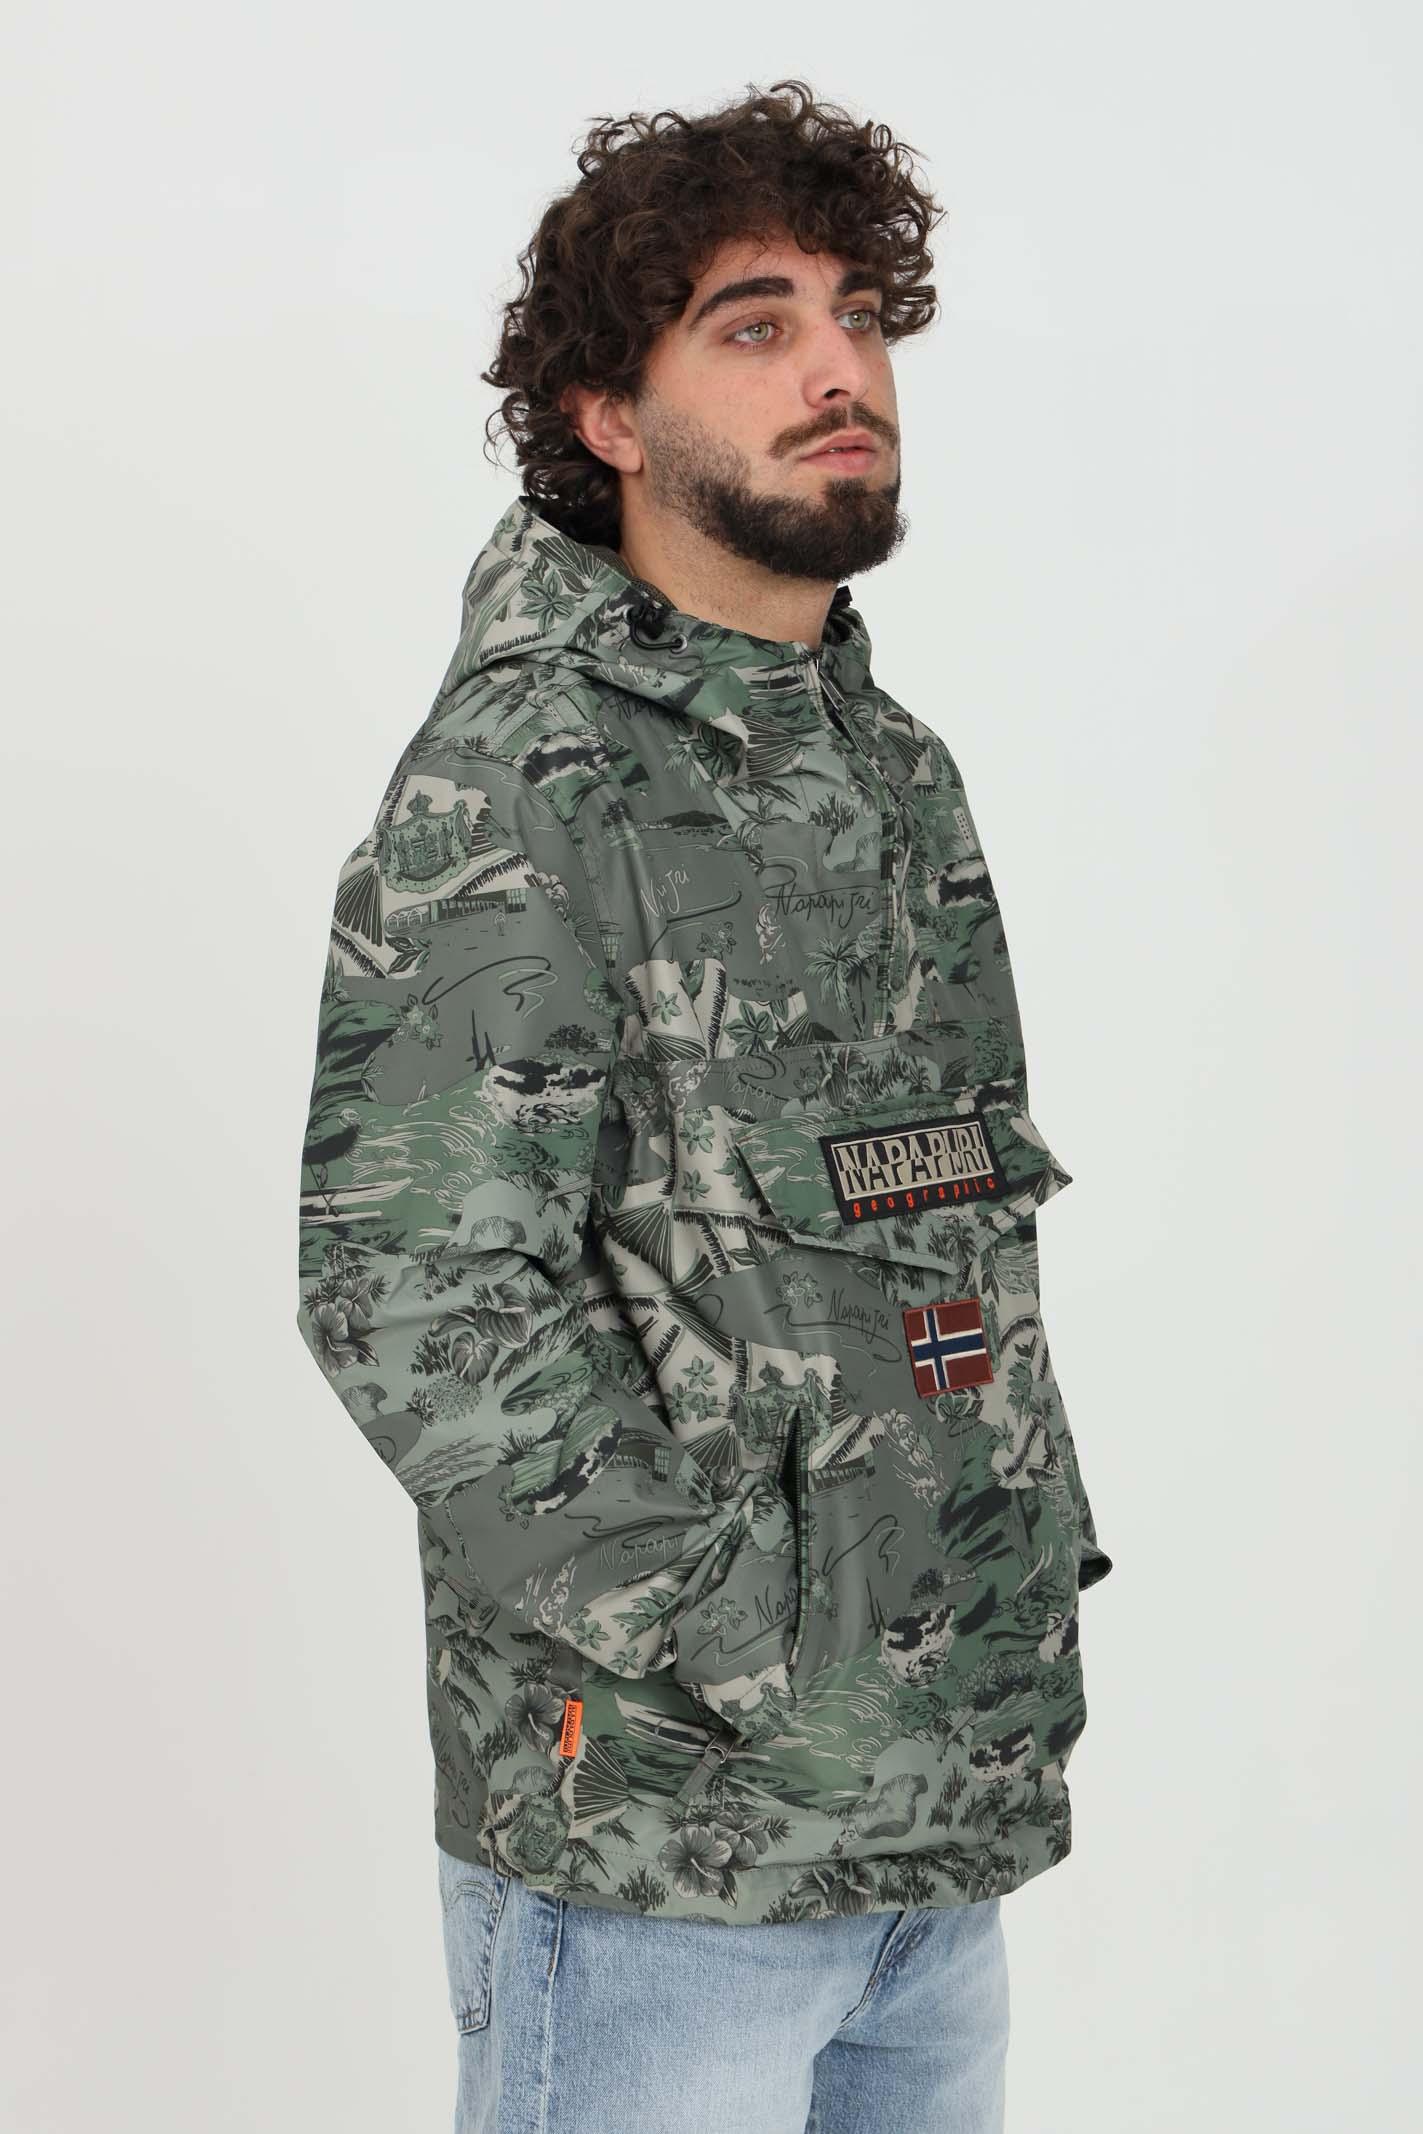 Giubbotto uomo verde napapijri con cappuccio NAPAPIJRI | Giubbotti | NP0A4FDLF3V1F3V1